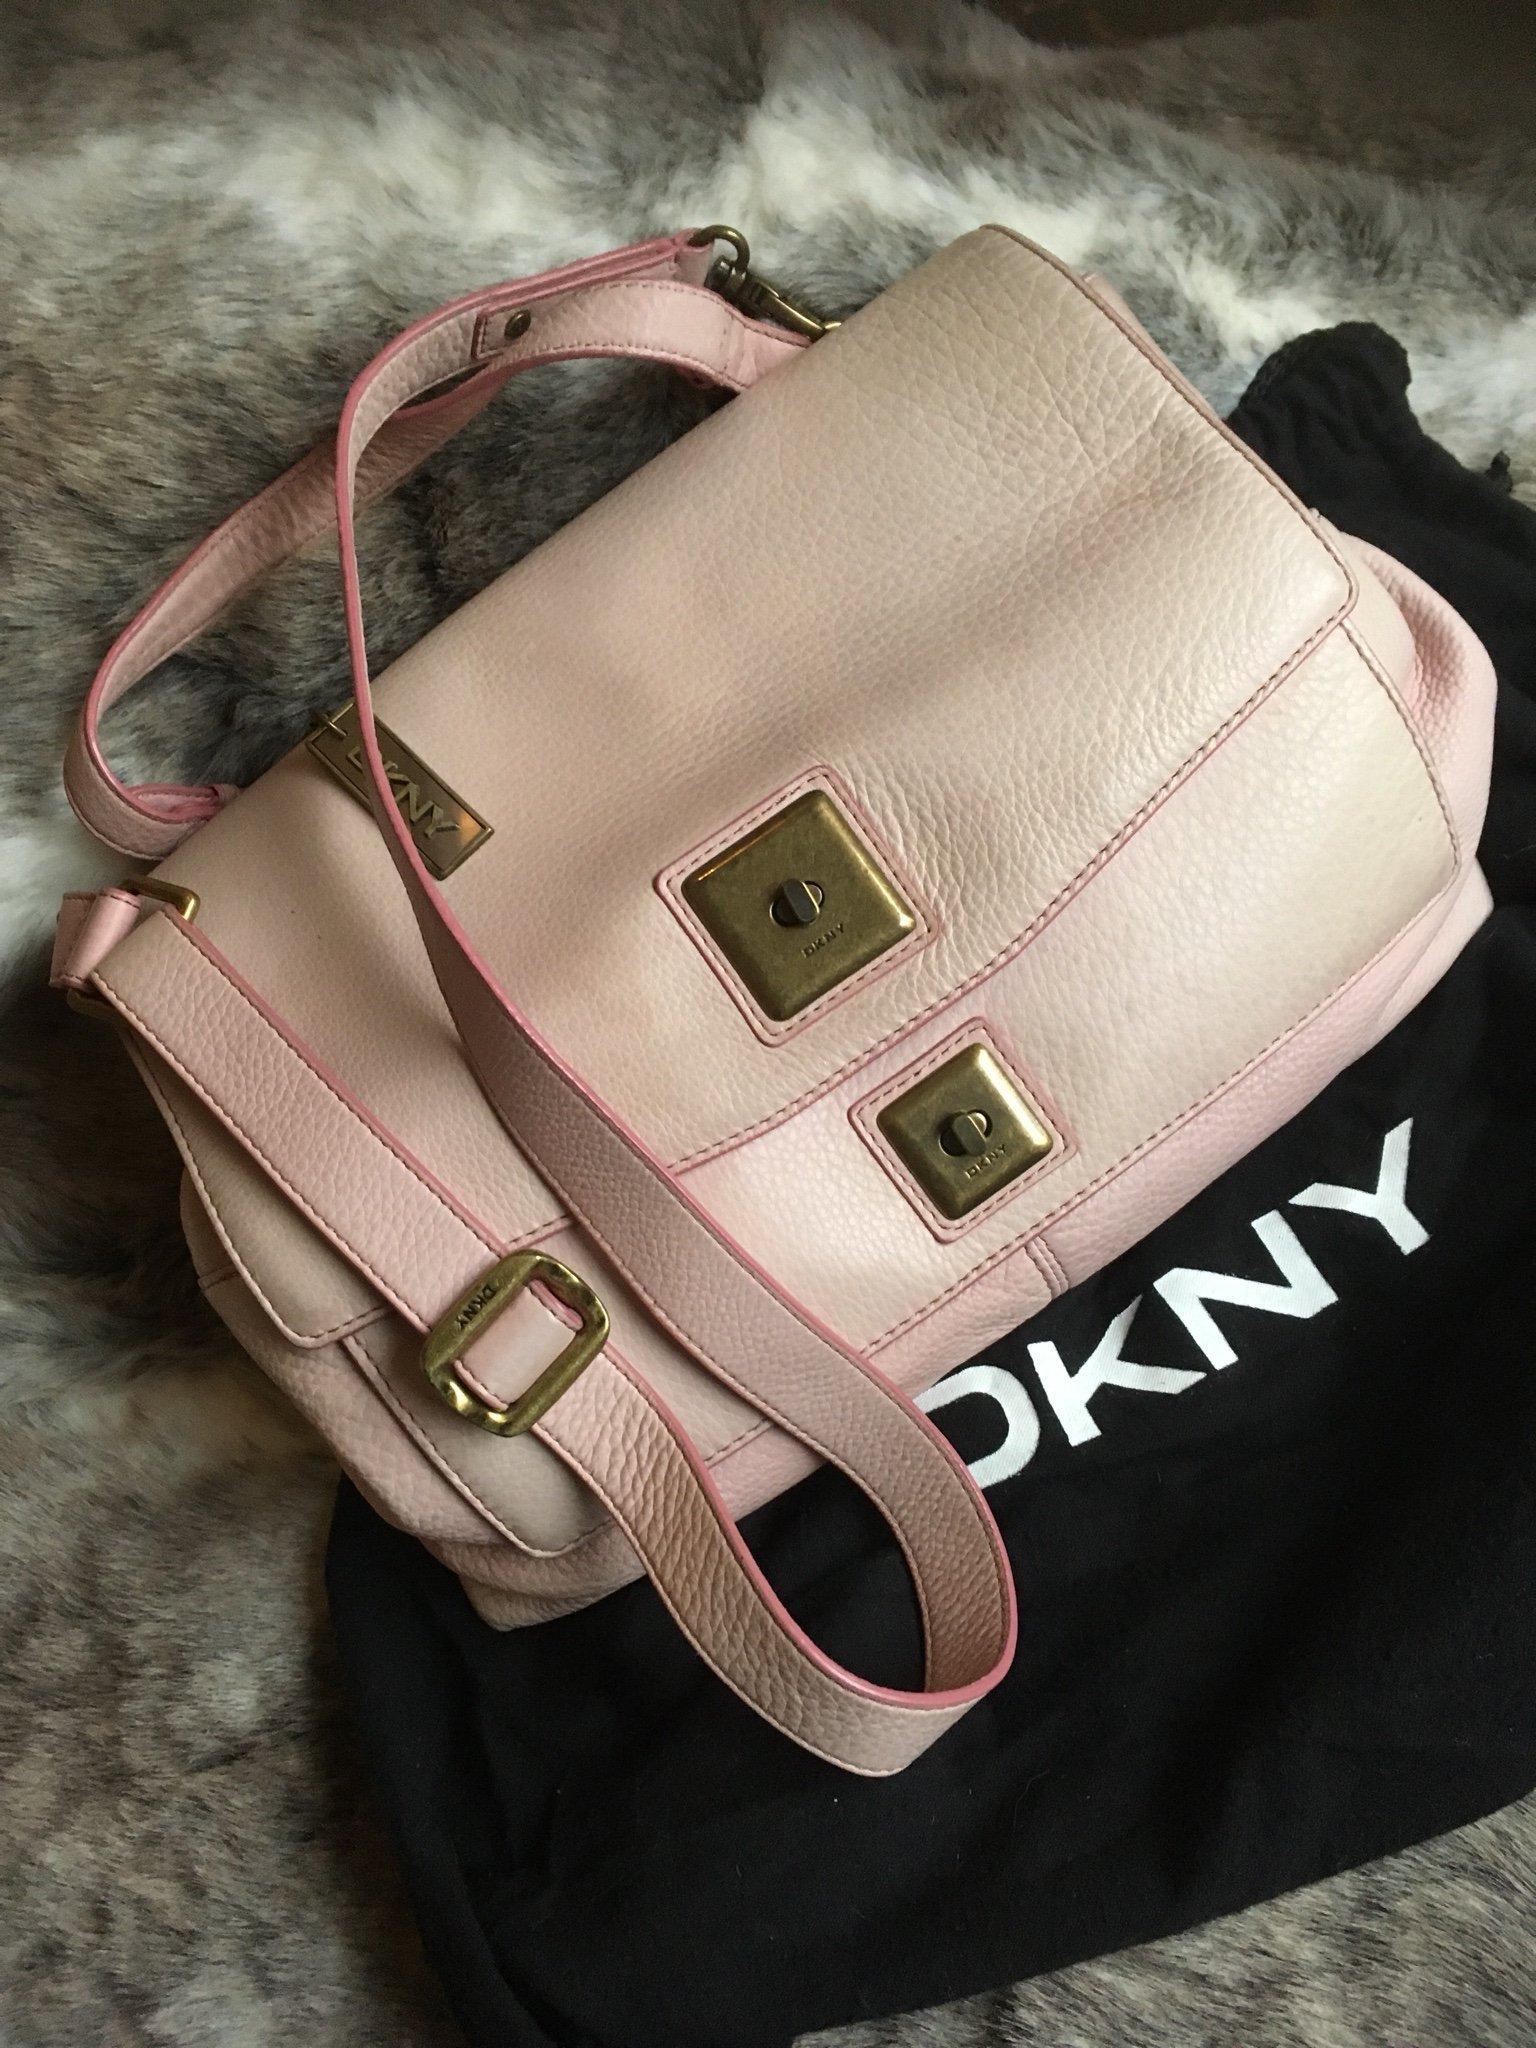 DKNY skinn väska, puderrosa , rymlig väska med många fack! Äkta!